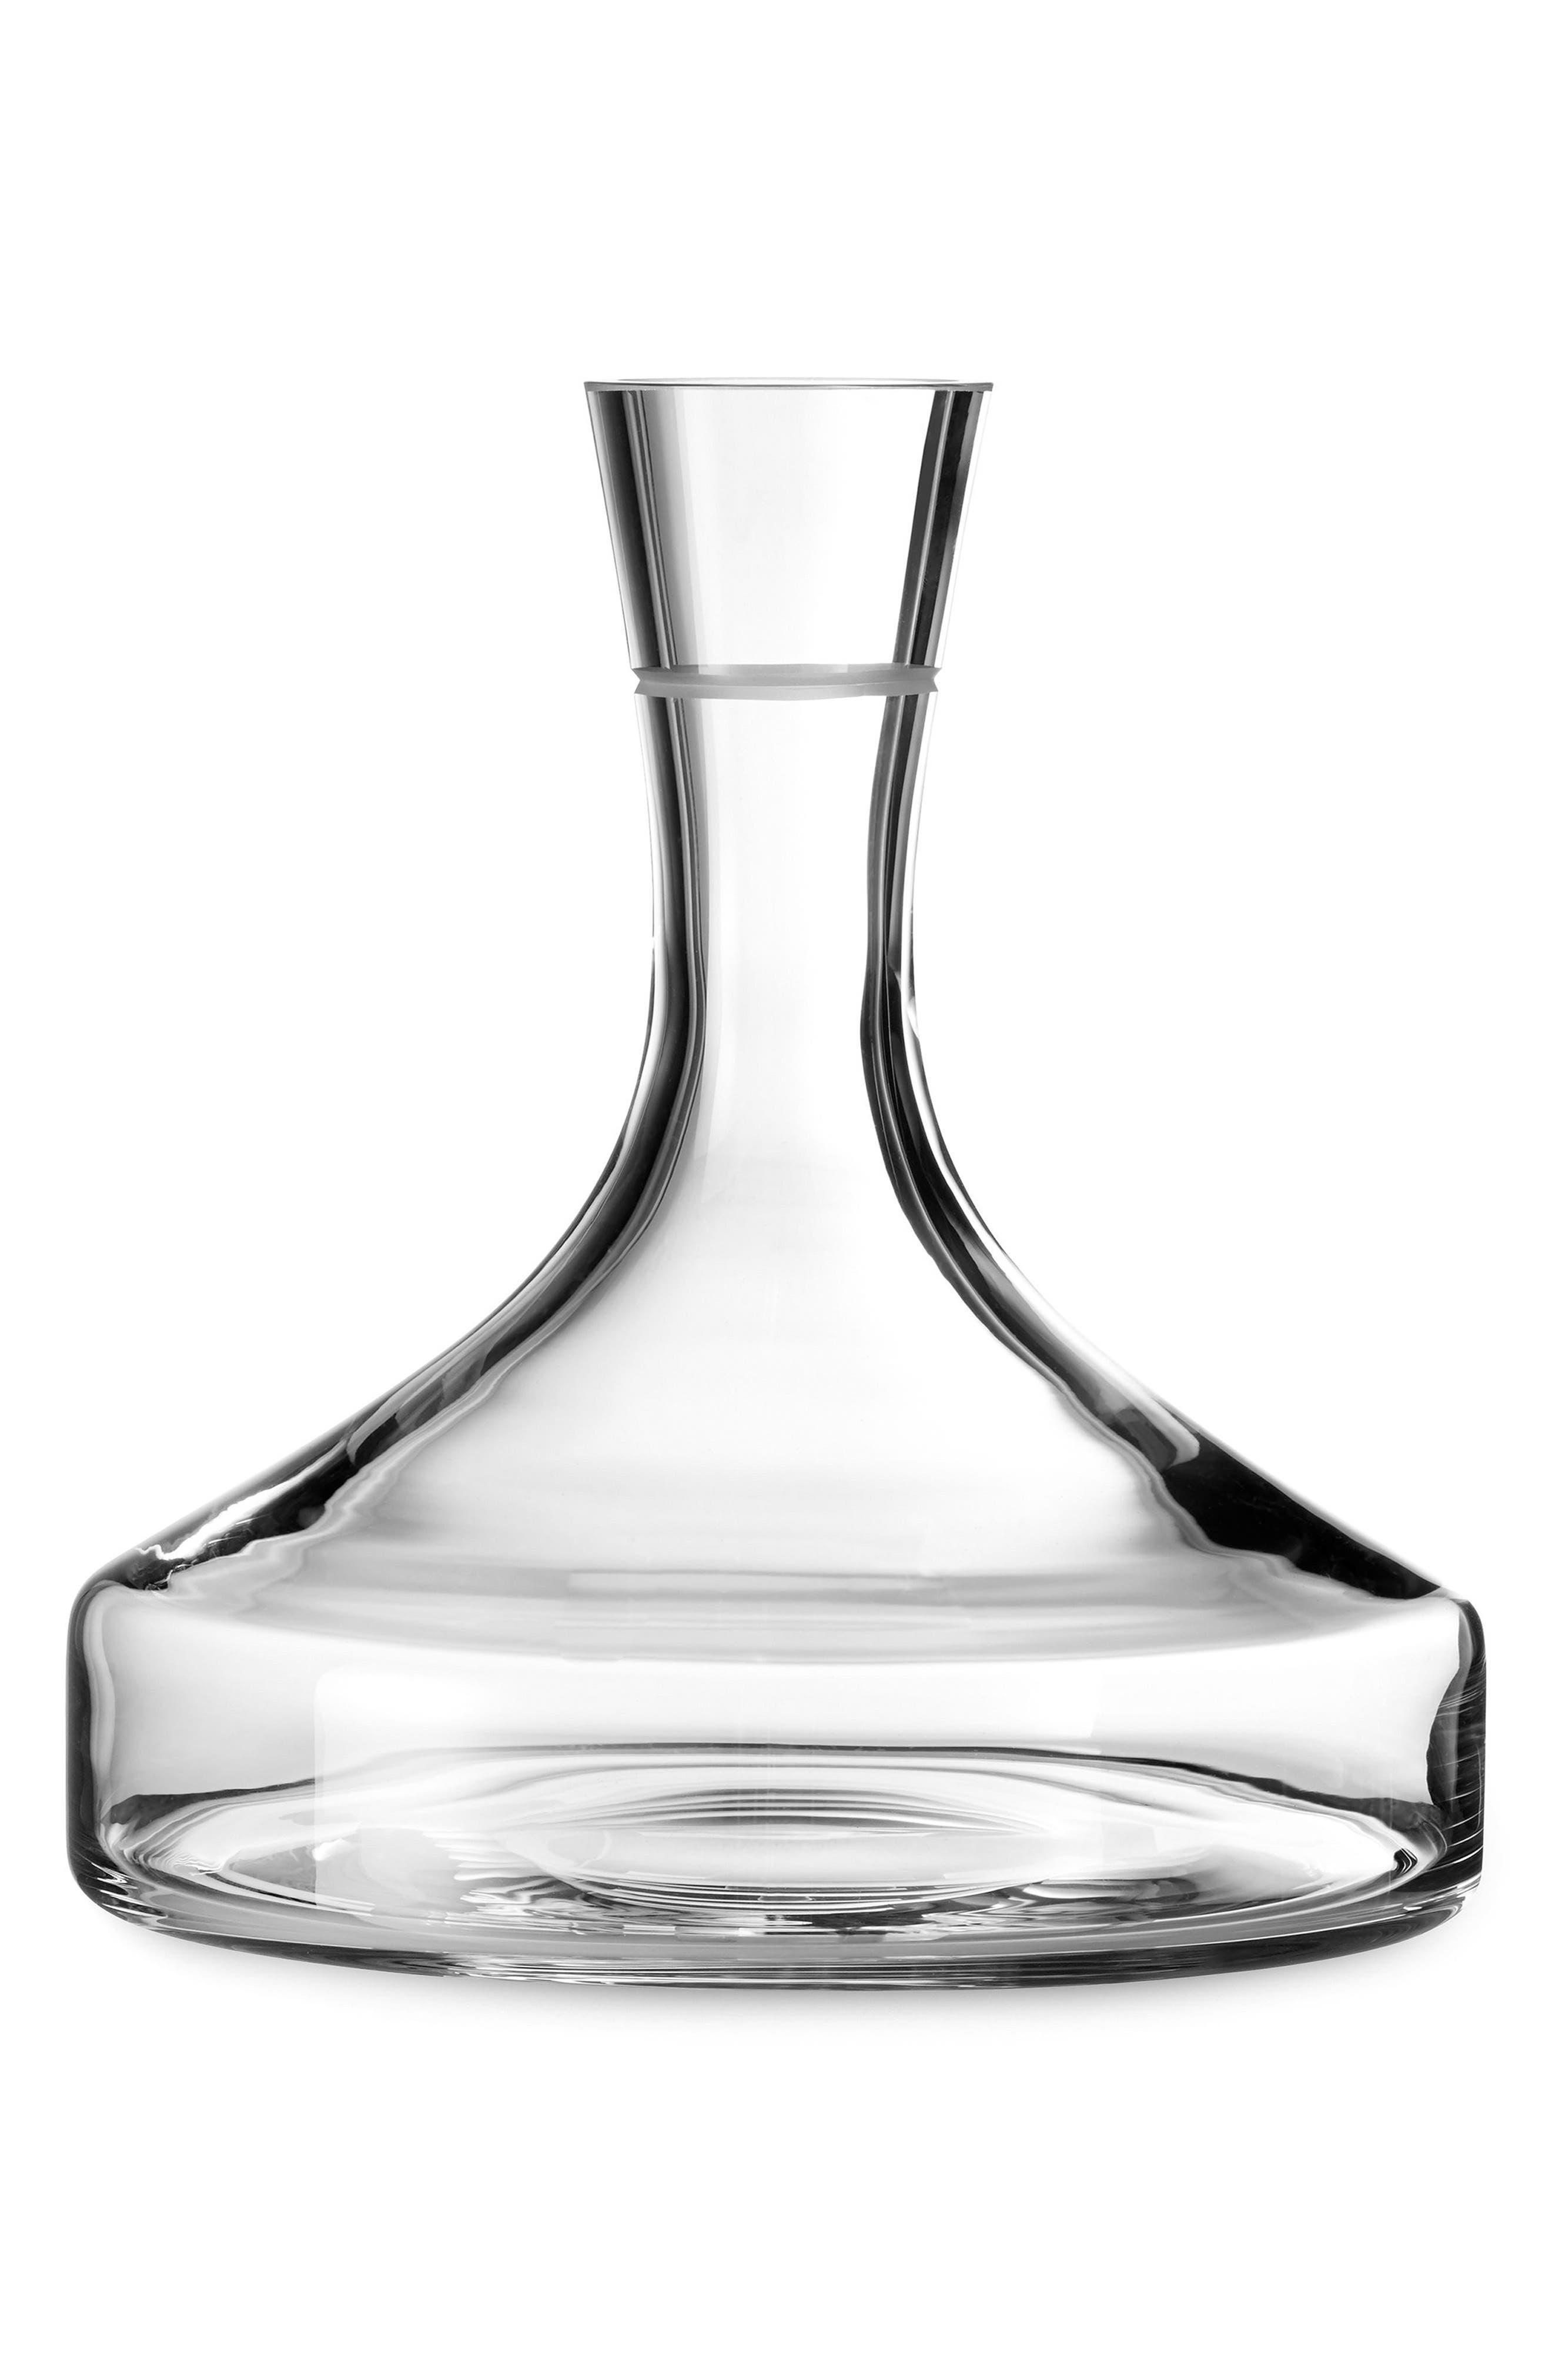 Vera Wang x Wedgwood Bande Crystal Wine Carafe